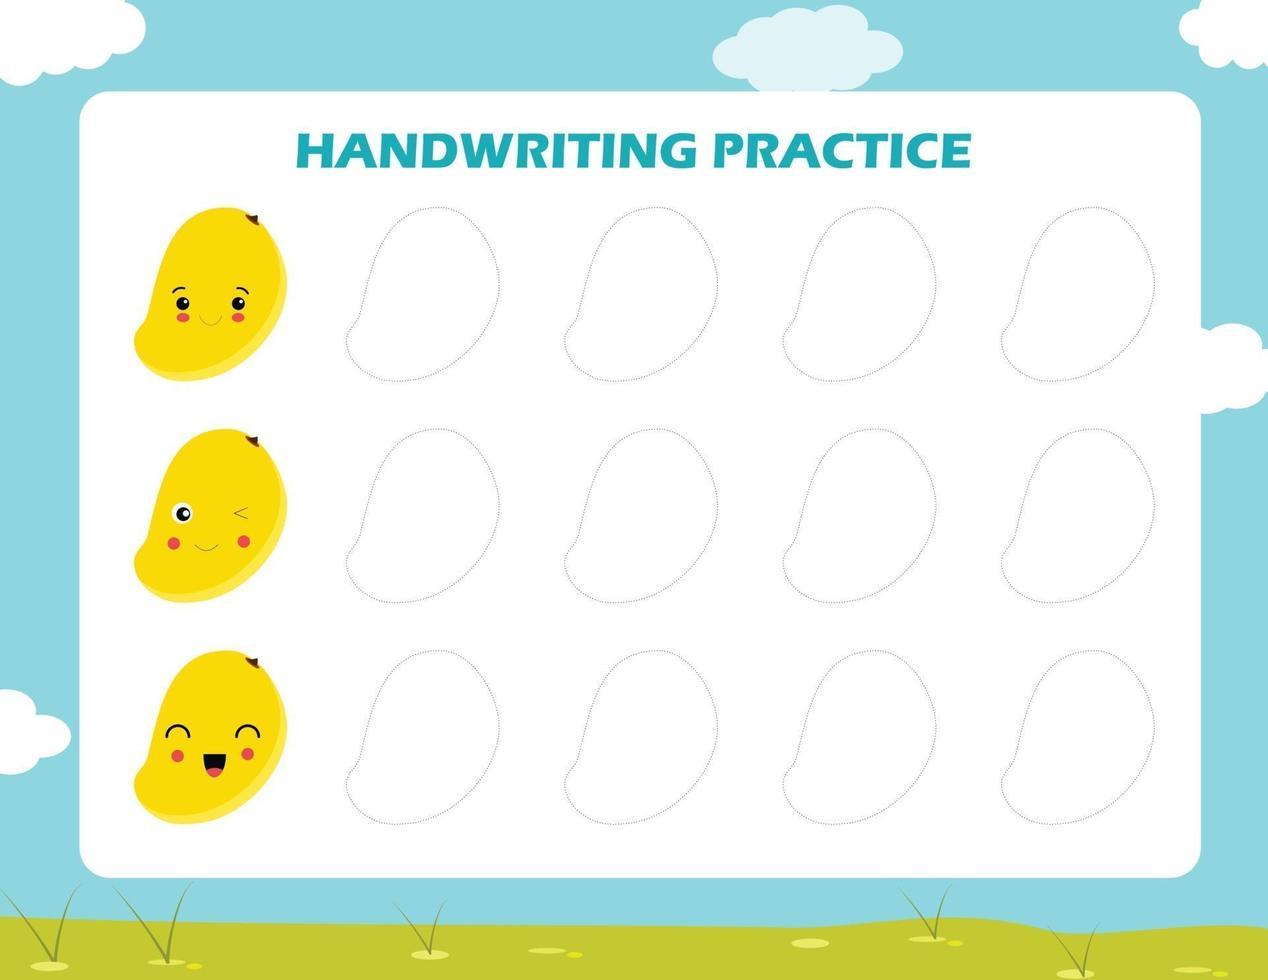 vettore dell'illustrazione del foglio di pratica della scrittura a mano, set di tracciare le forme geometriche attorno al contorno. apprendimento per bambini, compiti di disegno